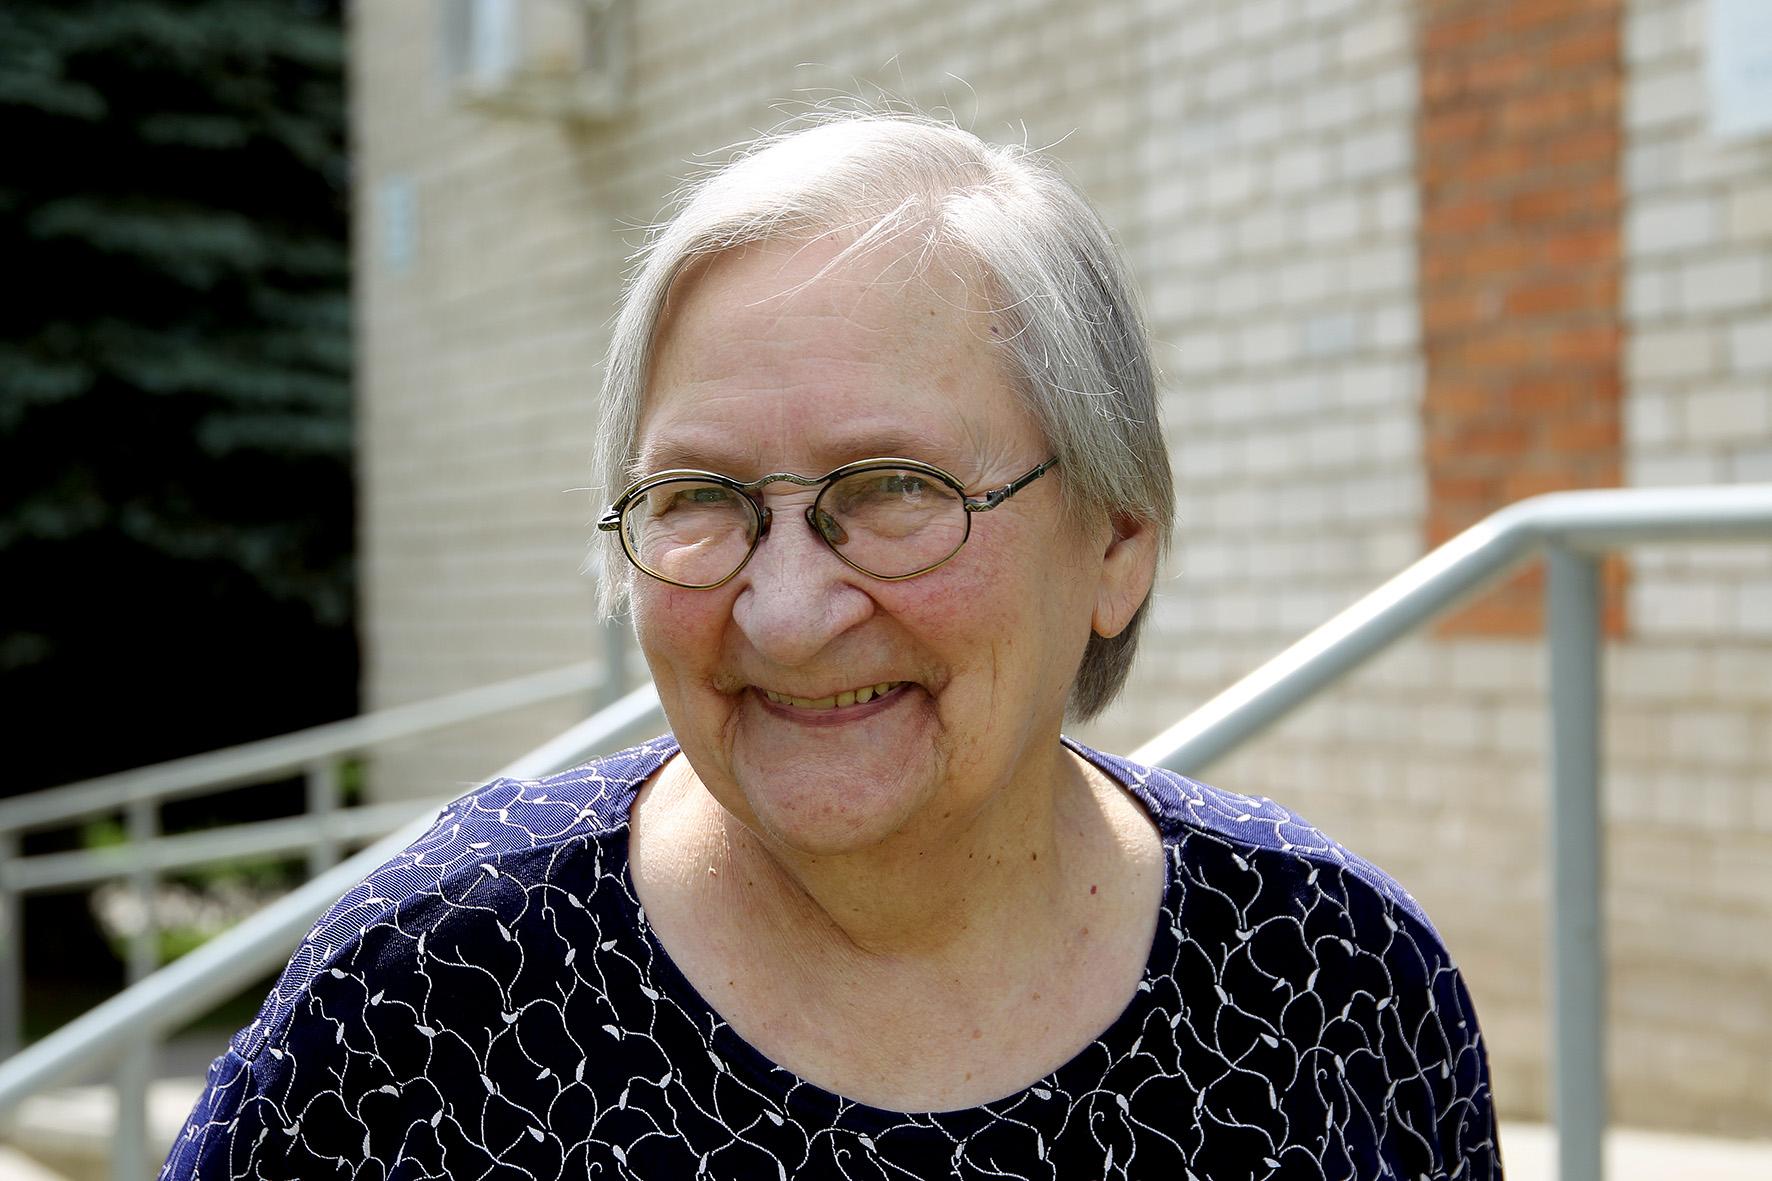 Optimizmo nestokojančios Reginos Šeškauskienės laisvalaikis pašvęstas anūkams ir knygoms.